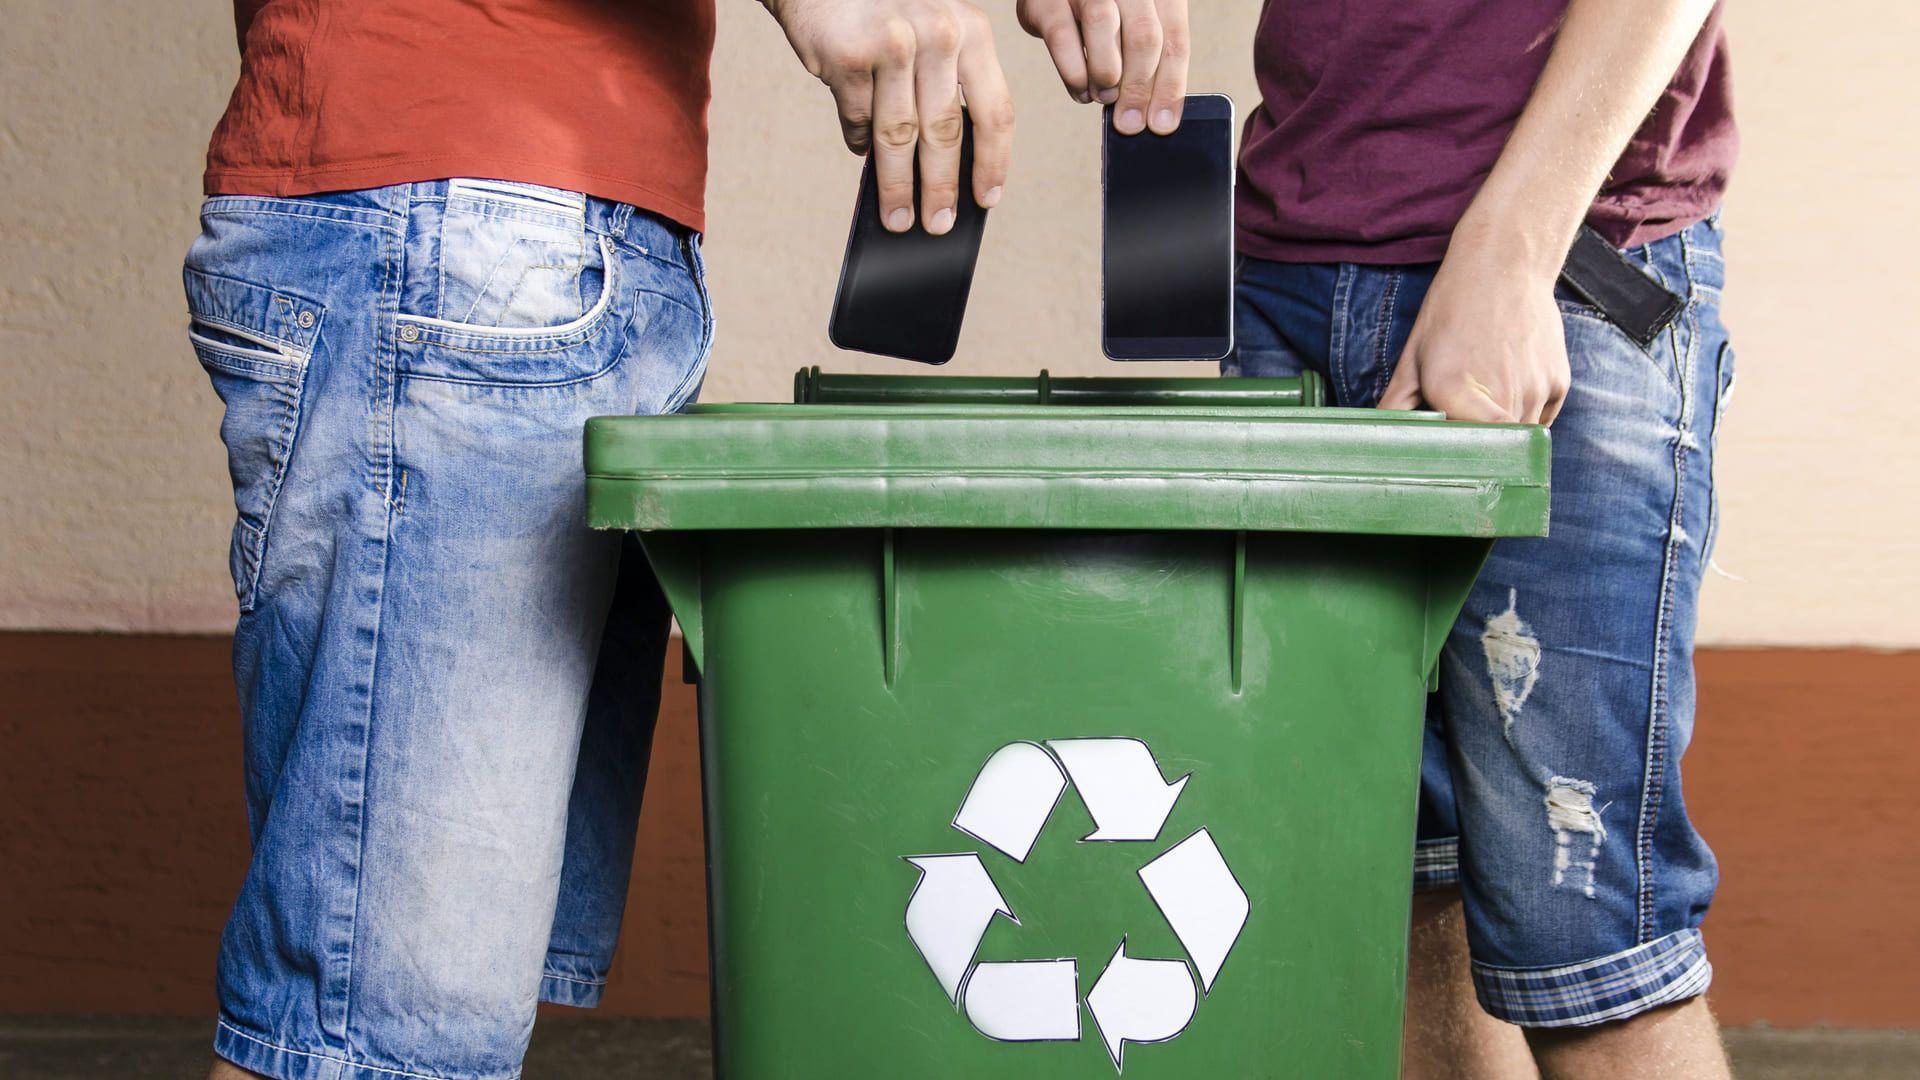 Duas pessoas colocando celulares em uma lixeira de reciclagem